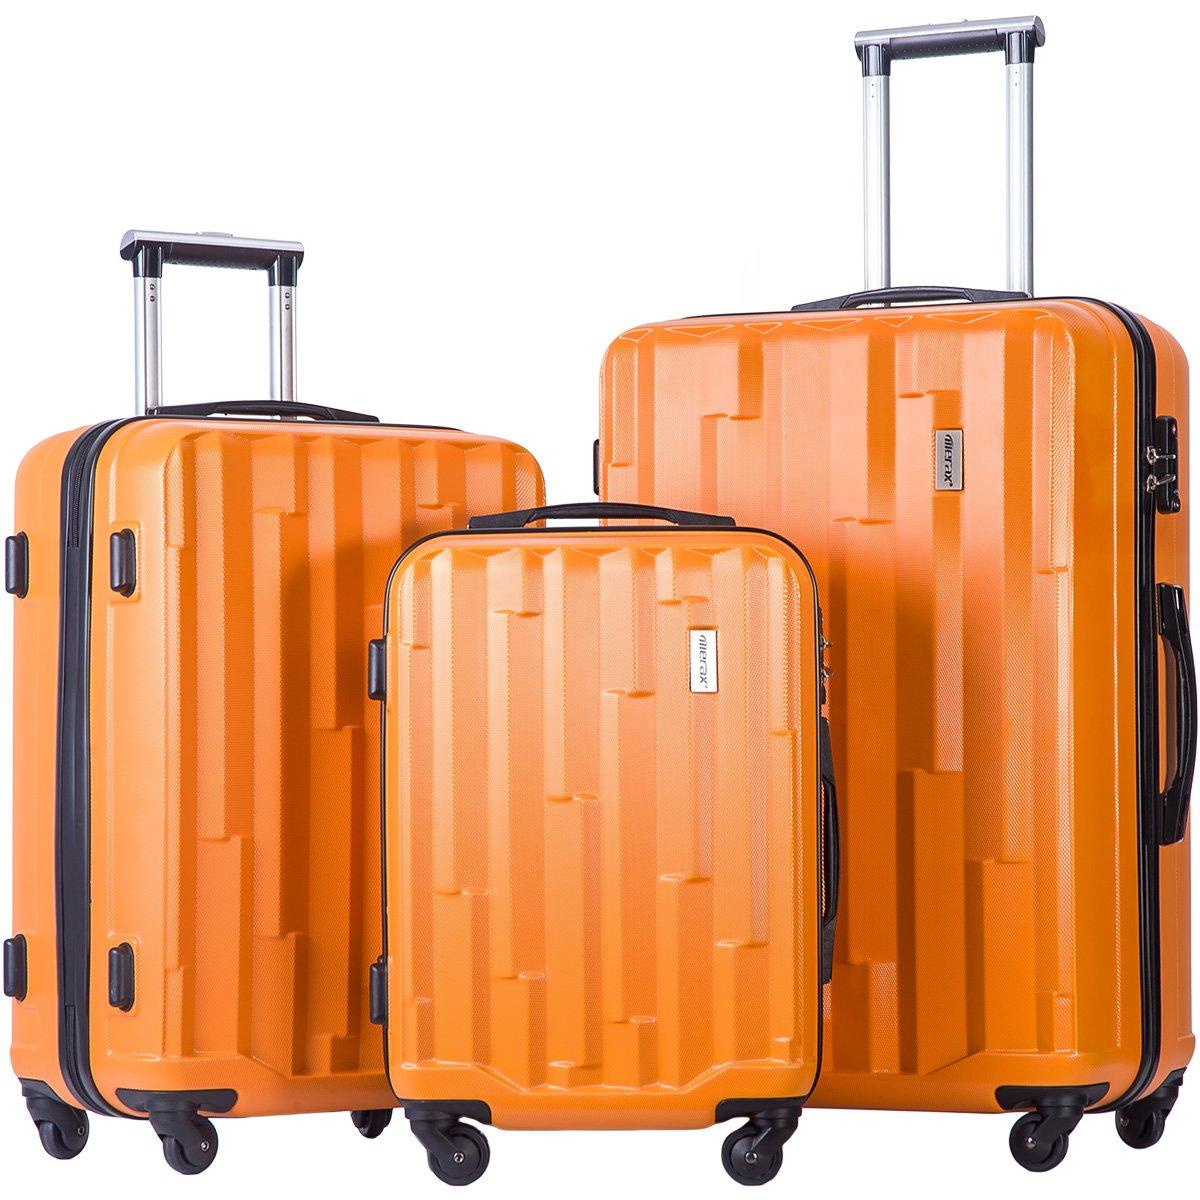 Merax Luggage set 3 piece luggages Suitcase with TSA lock (Orange)